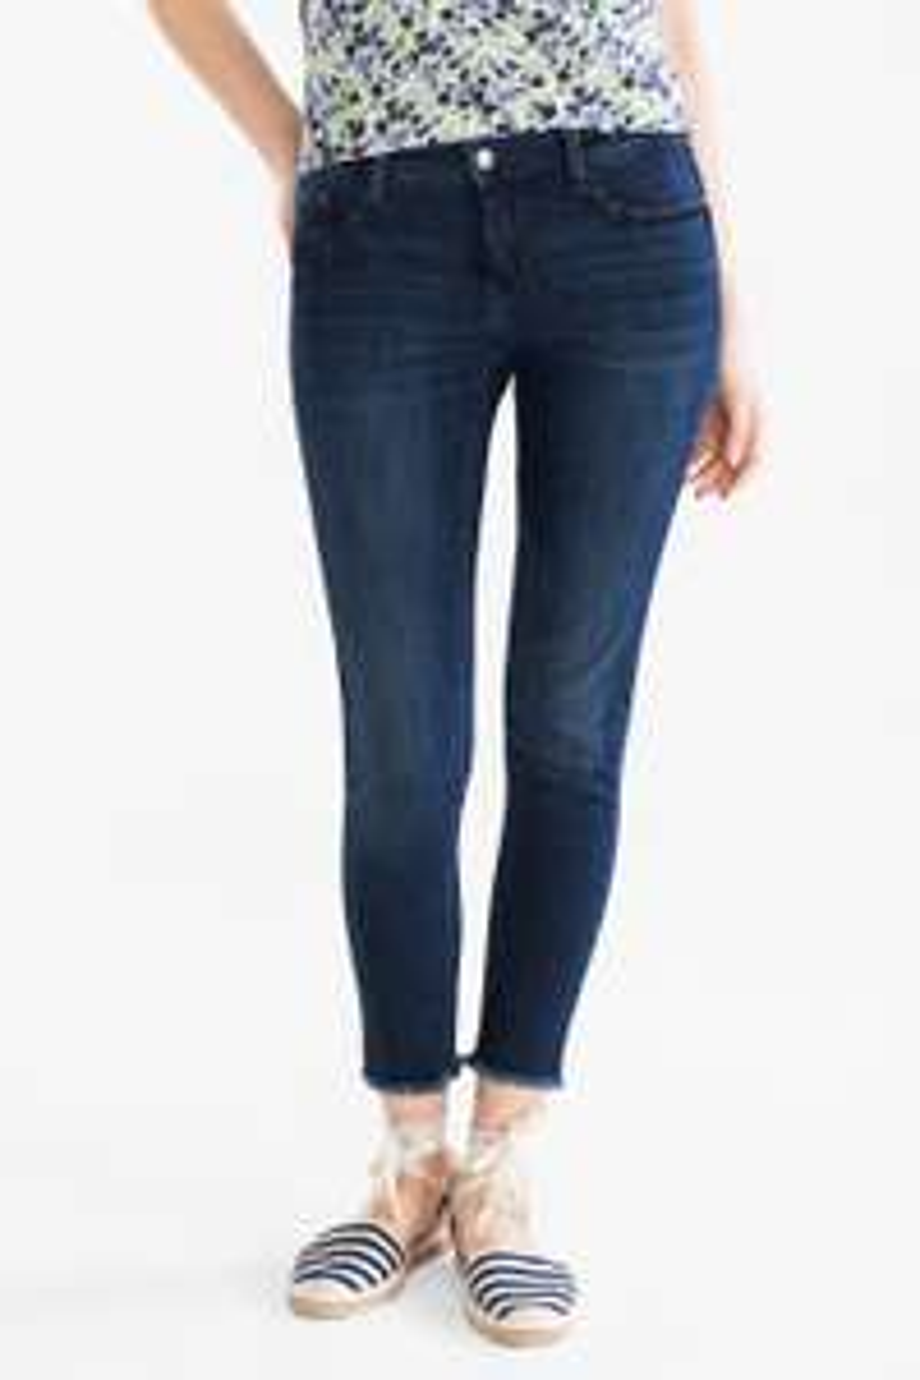 Sélection d'articles en promotion - Ex: The Super Skinny Jeans - Effet push up pour Femme